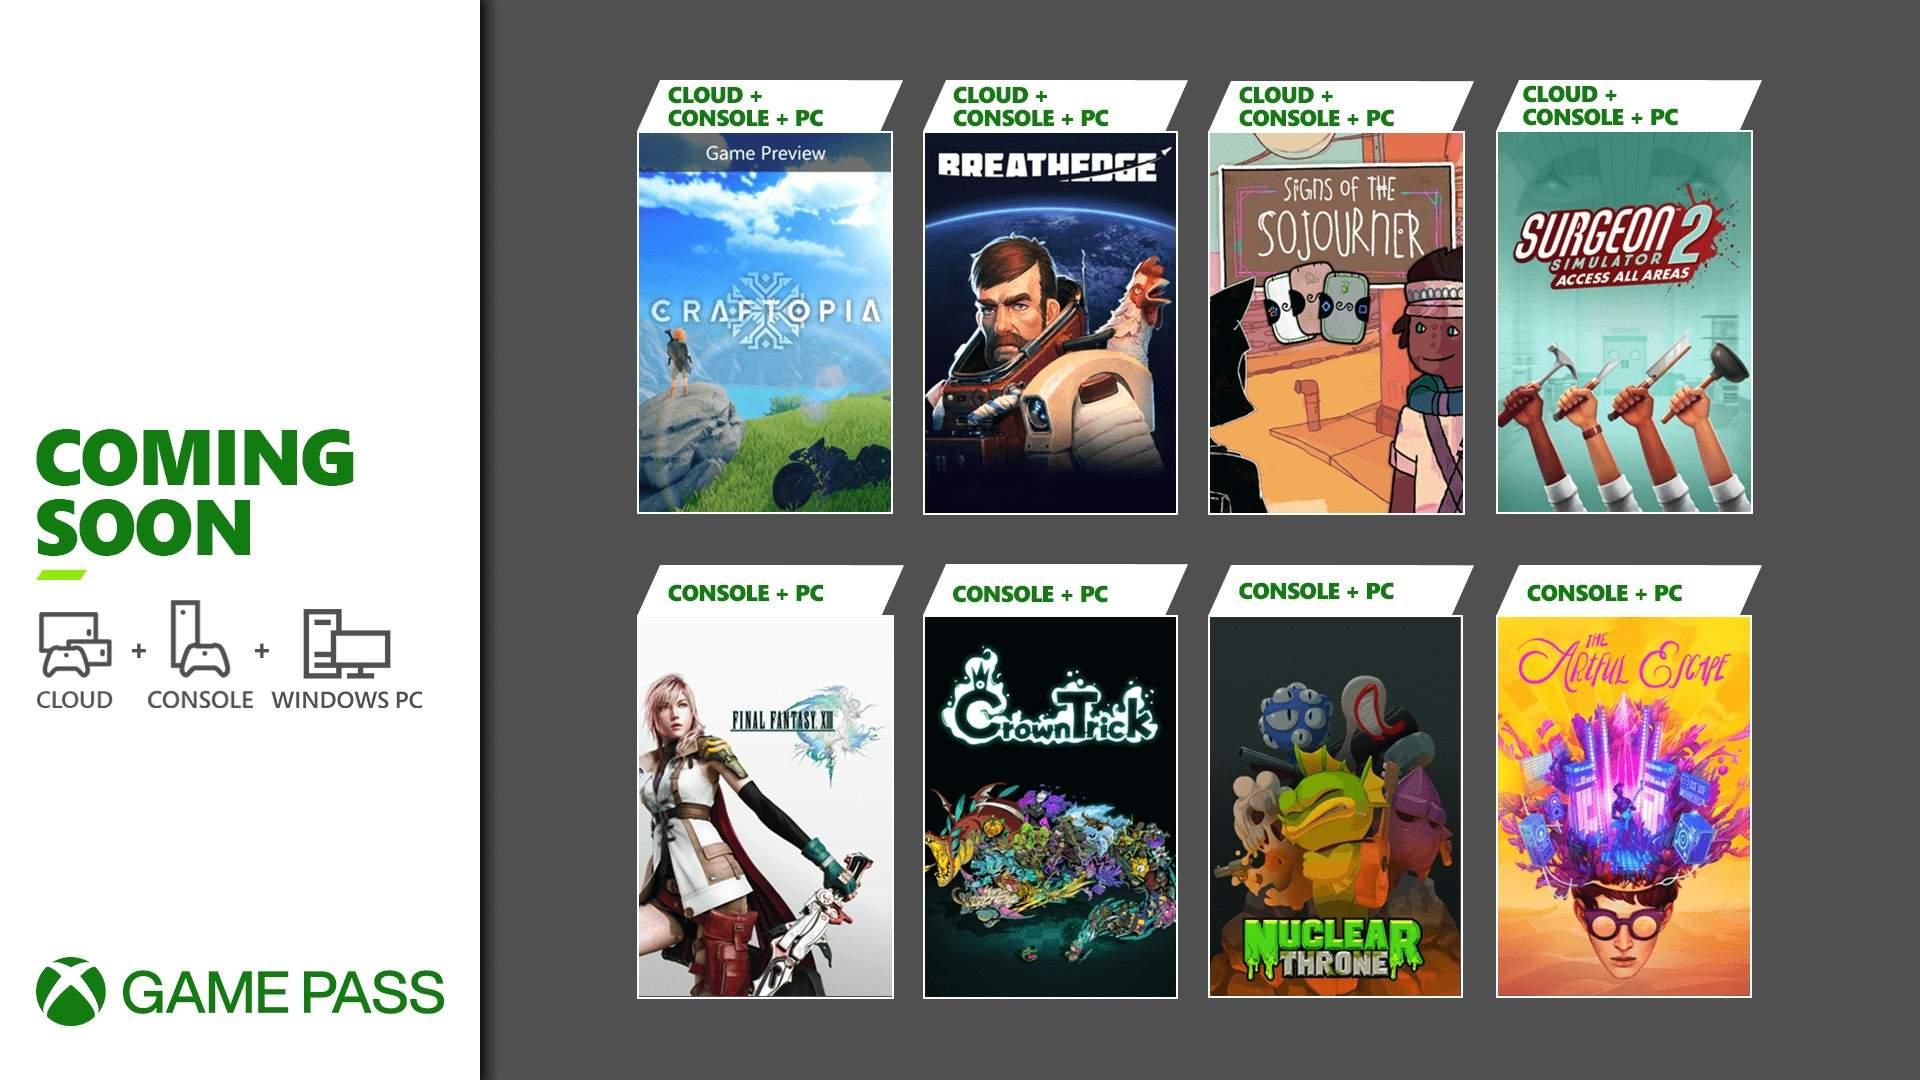 Desvelados los nuevos títulos que llegan a Xbox Game Pass en septiembre - Los nuevos títulos para Xbox Game Pass del mes de septiembre ya se han anunciado. Descubre cual será tu próximo juego.